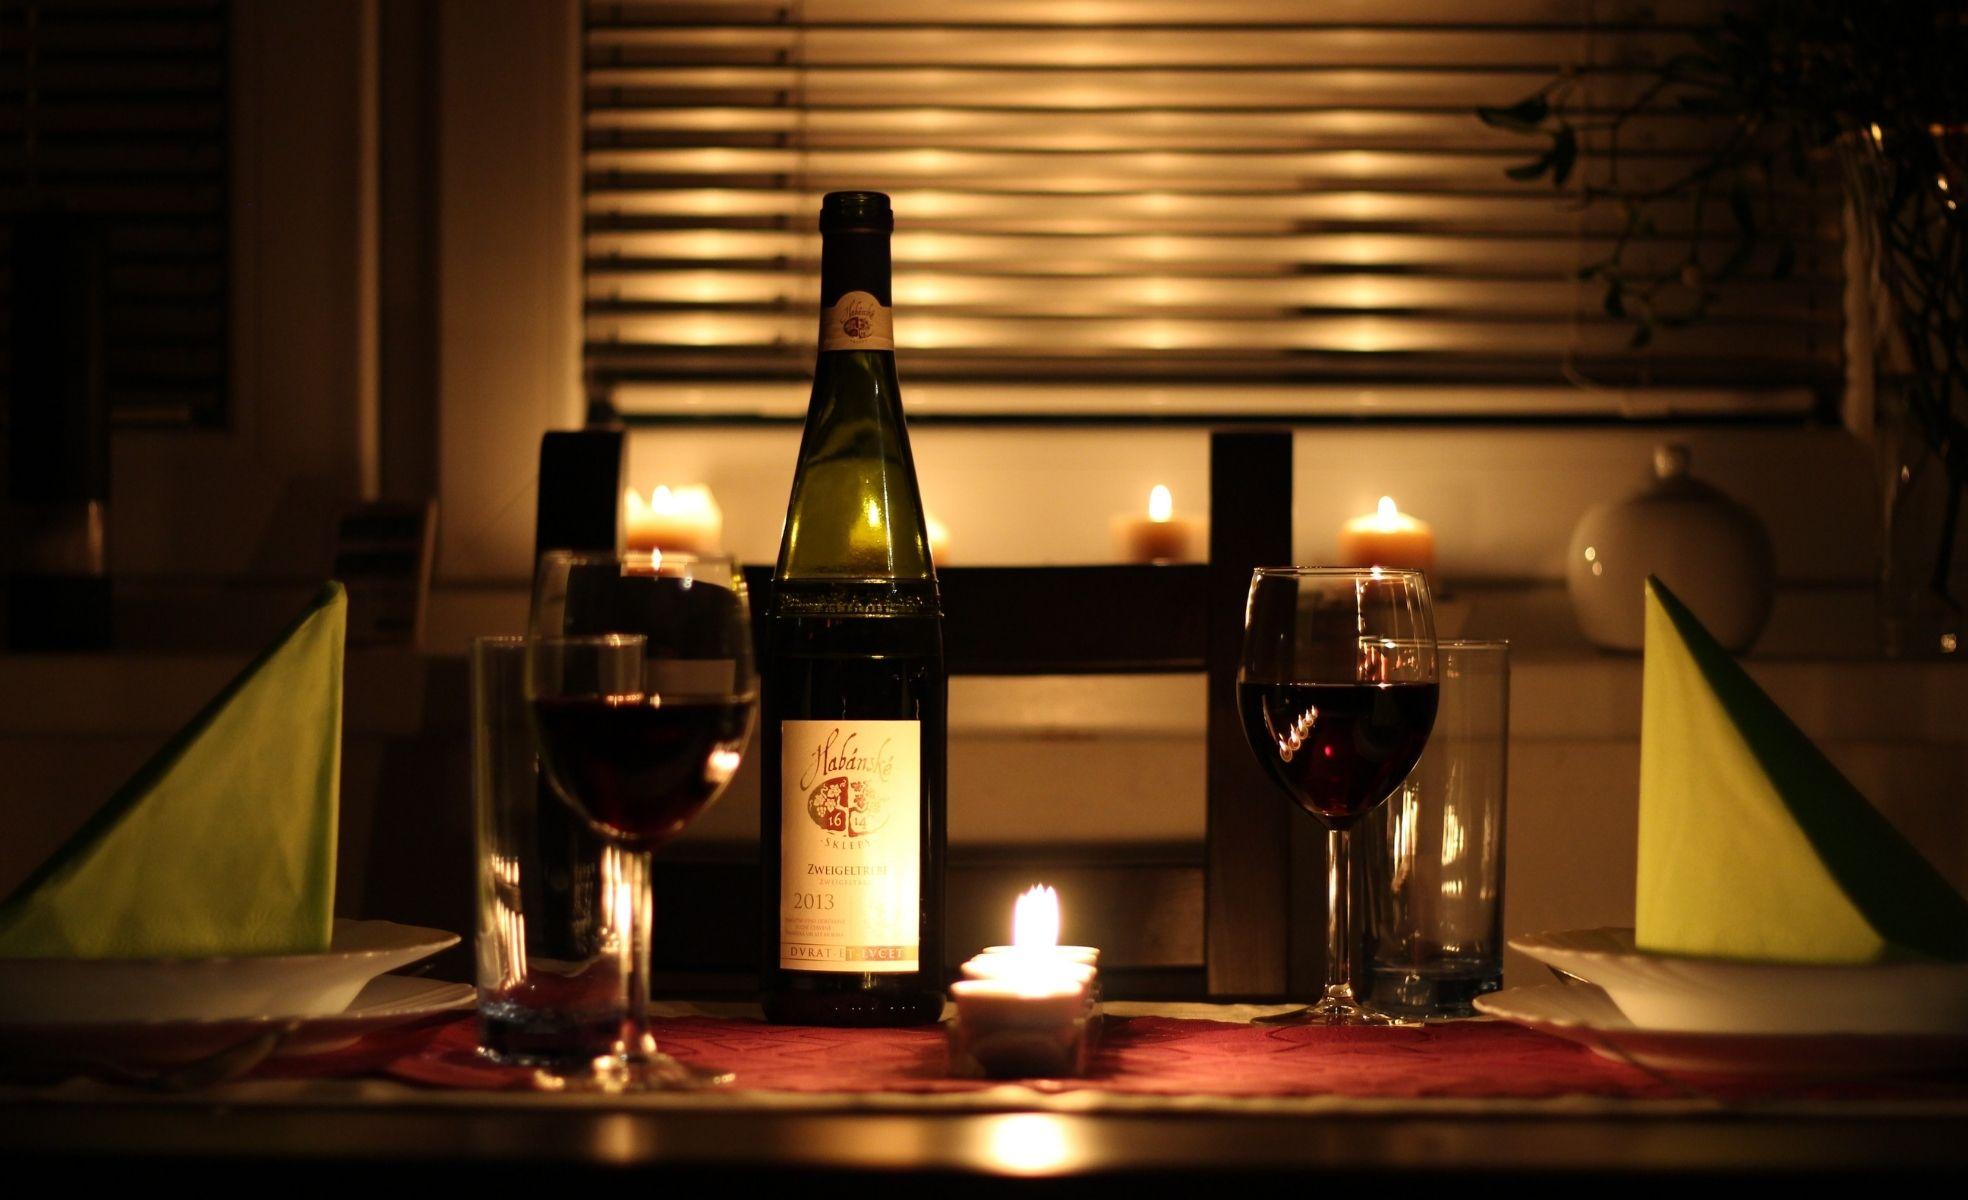 decoração romântica para dia dos namorados